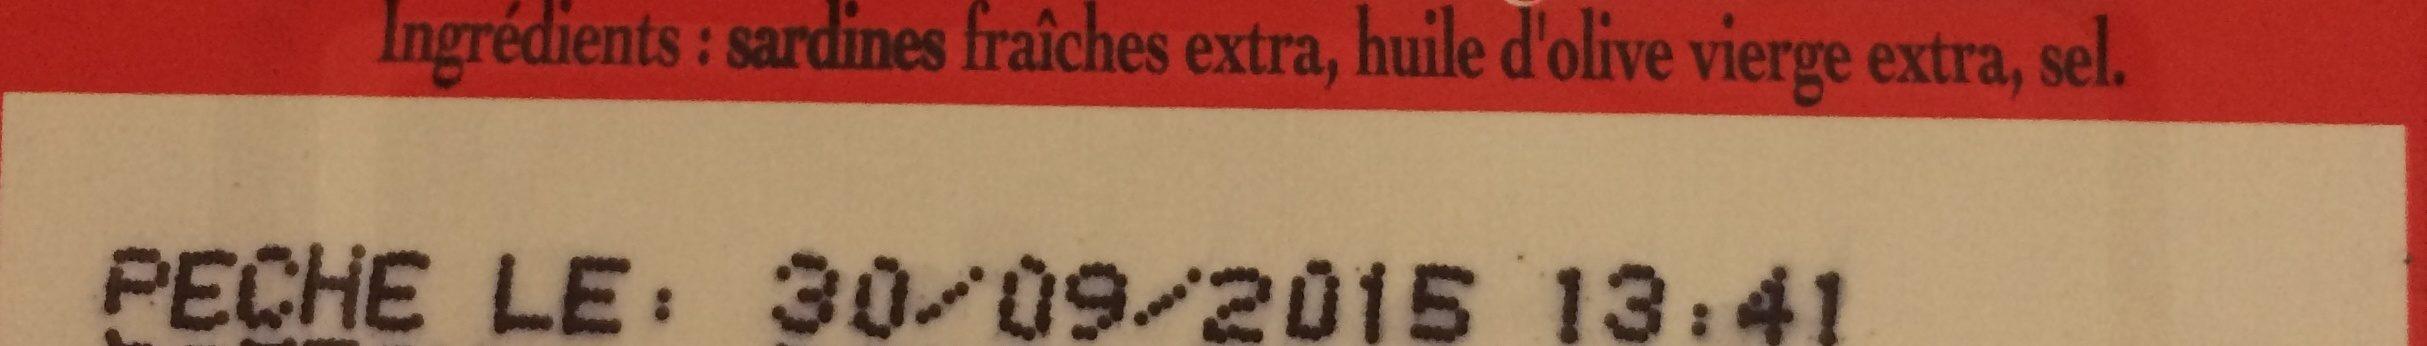 Sardines à l'Ancienne Label rouge - Ingredients